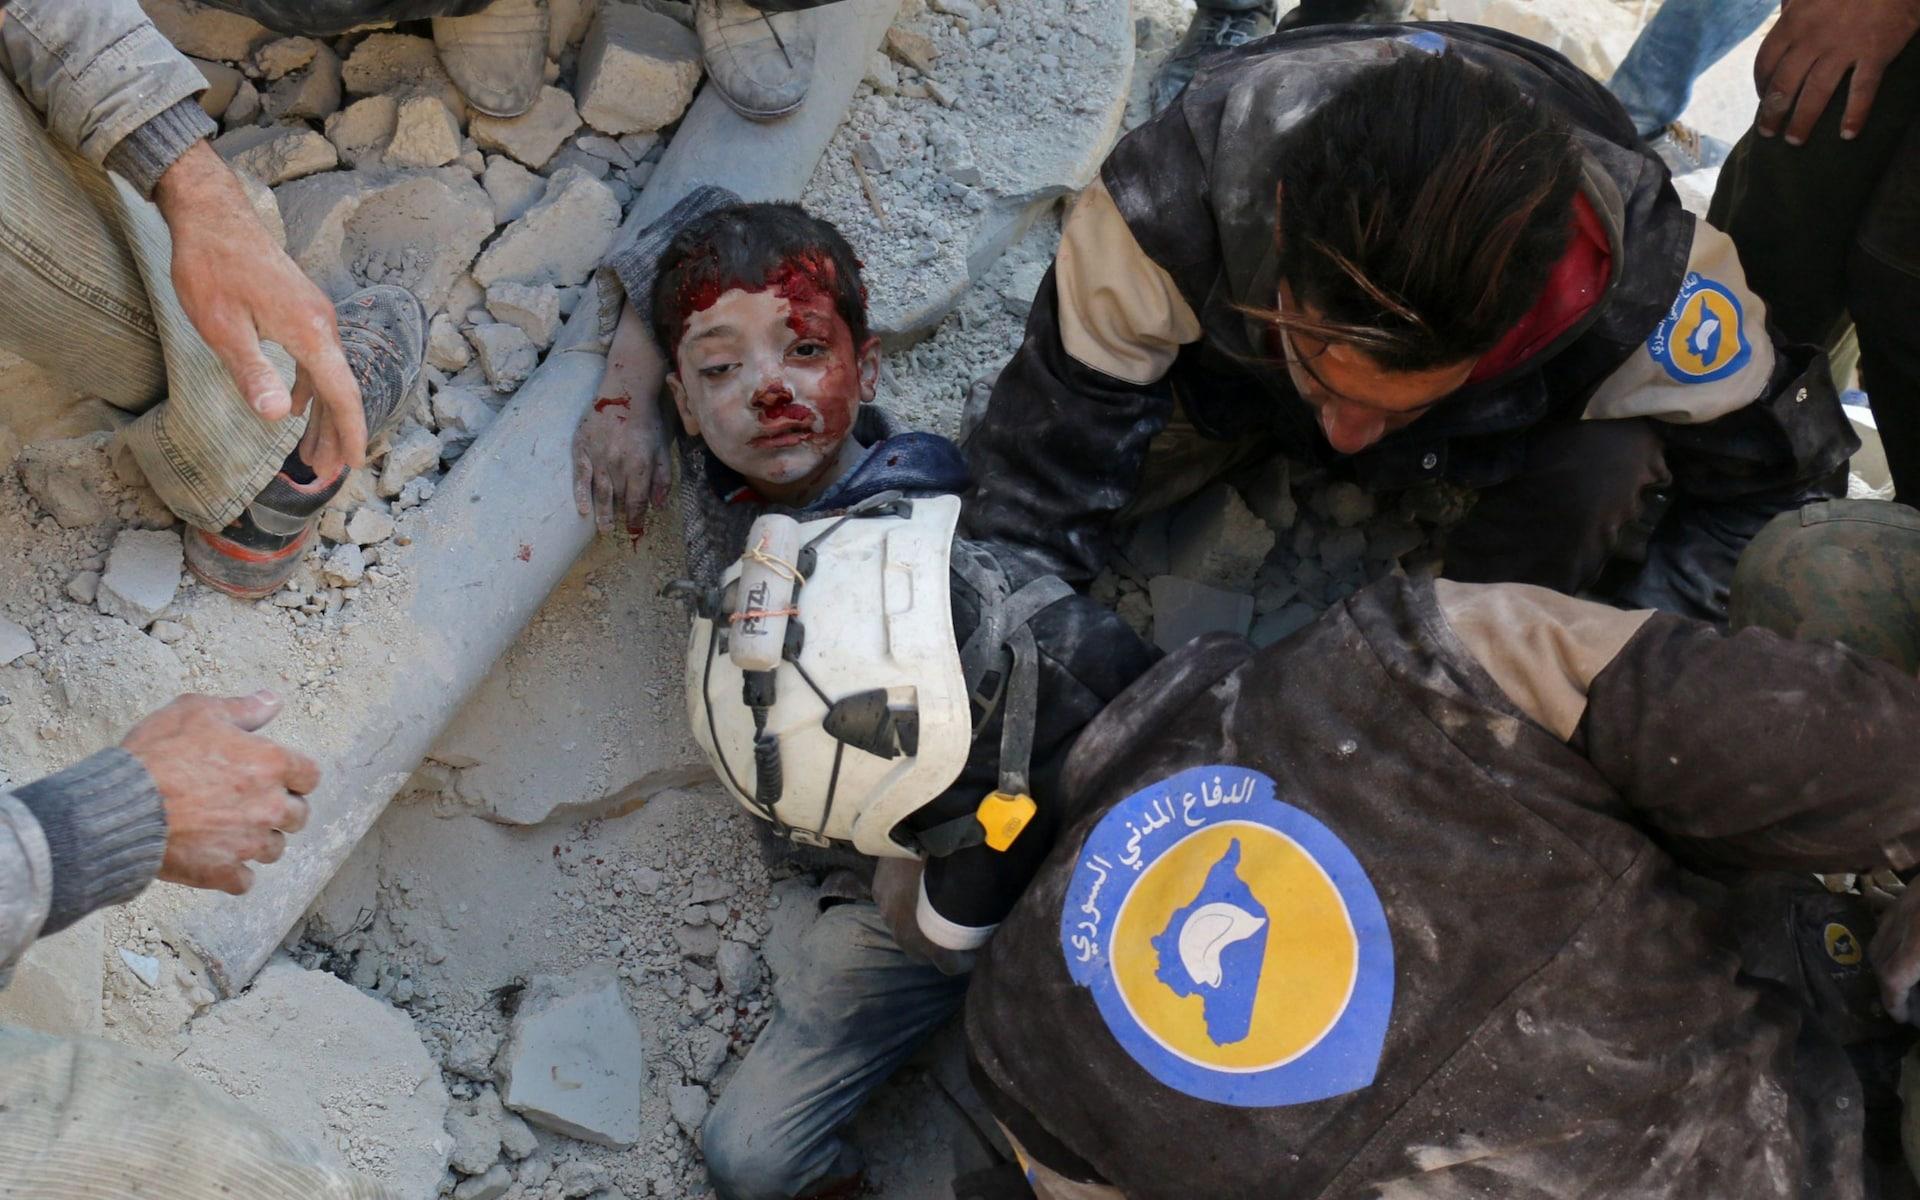 نشرة أخبار الثلاثاء - اشتباكات بين الحر وقسد شمالي حلب، وبريطانيا تمنح متطوعي الدفاع المدني  حق اللجوء-(25-9-2018)